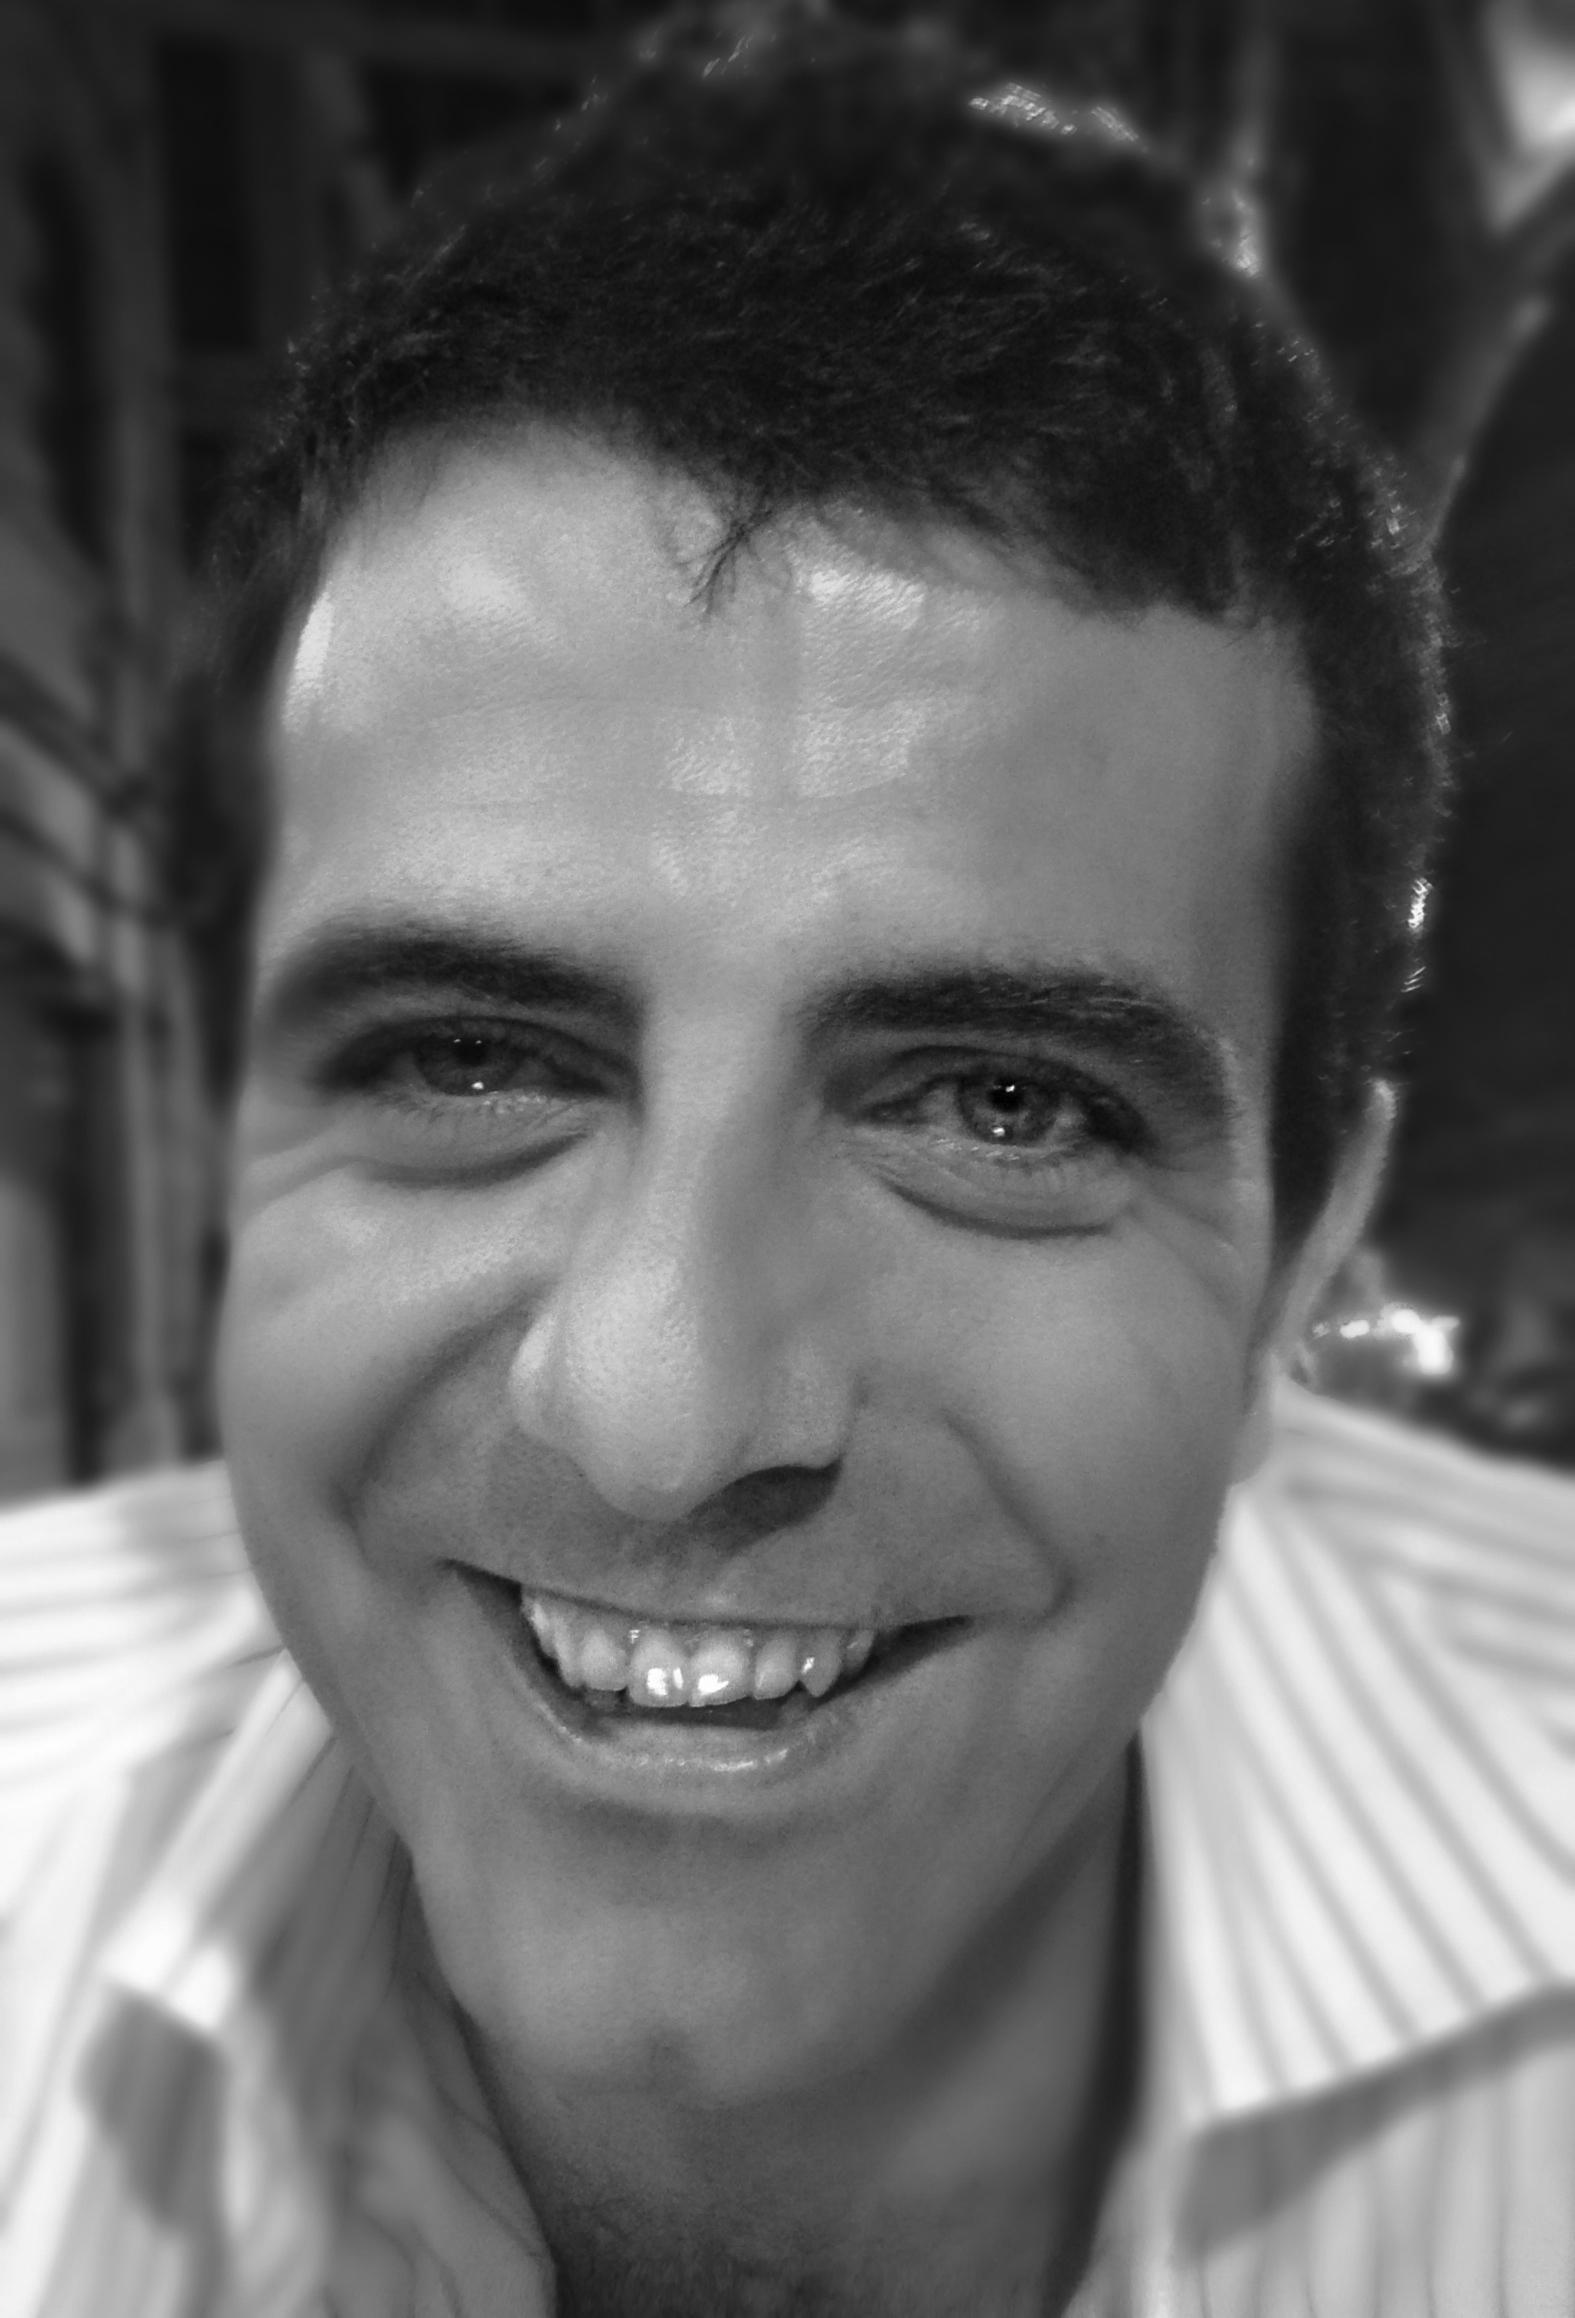 Giorgio natili codeinvaders milano for Giorgio iv milano